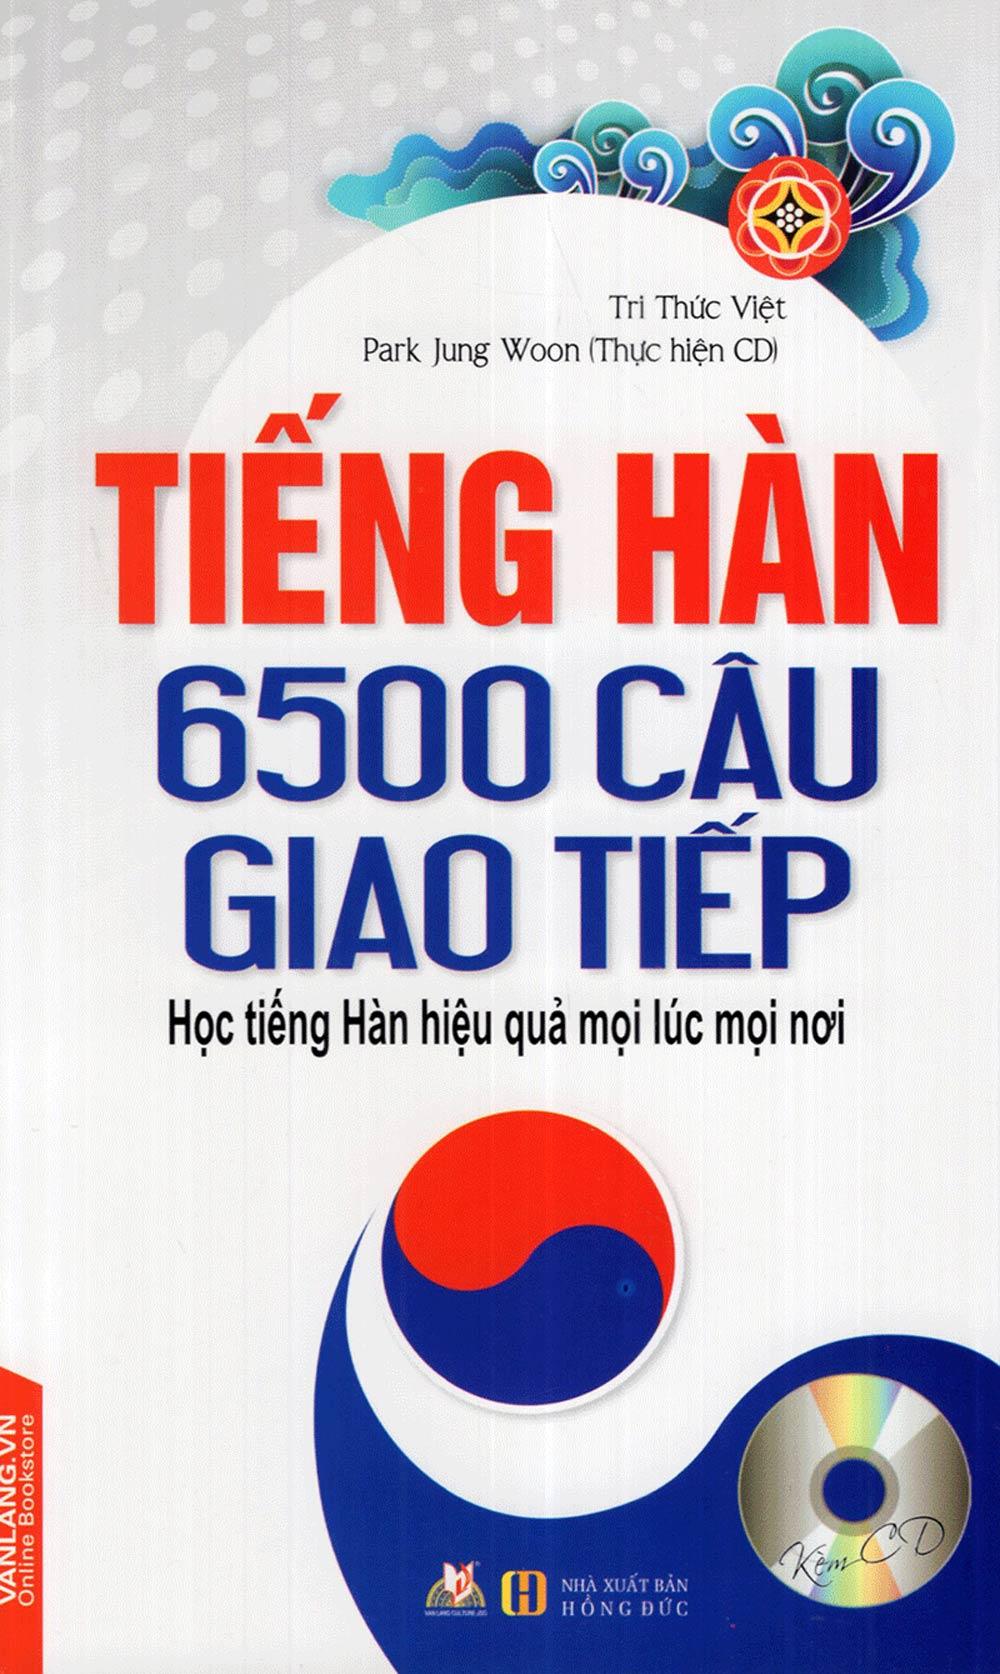 Tiếng Hàn 6500 Câu Giao Tiếp (Kèm CD)